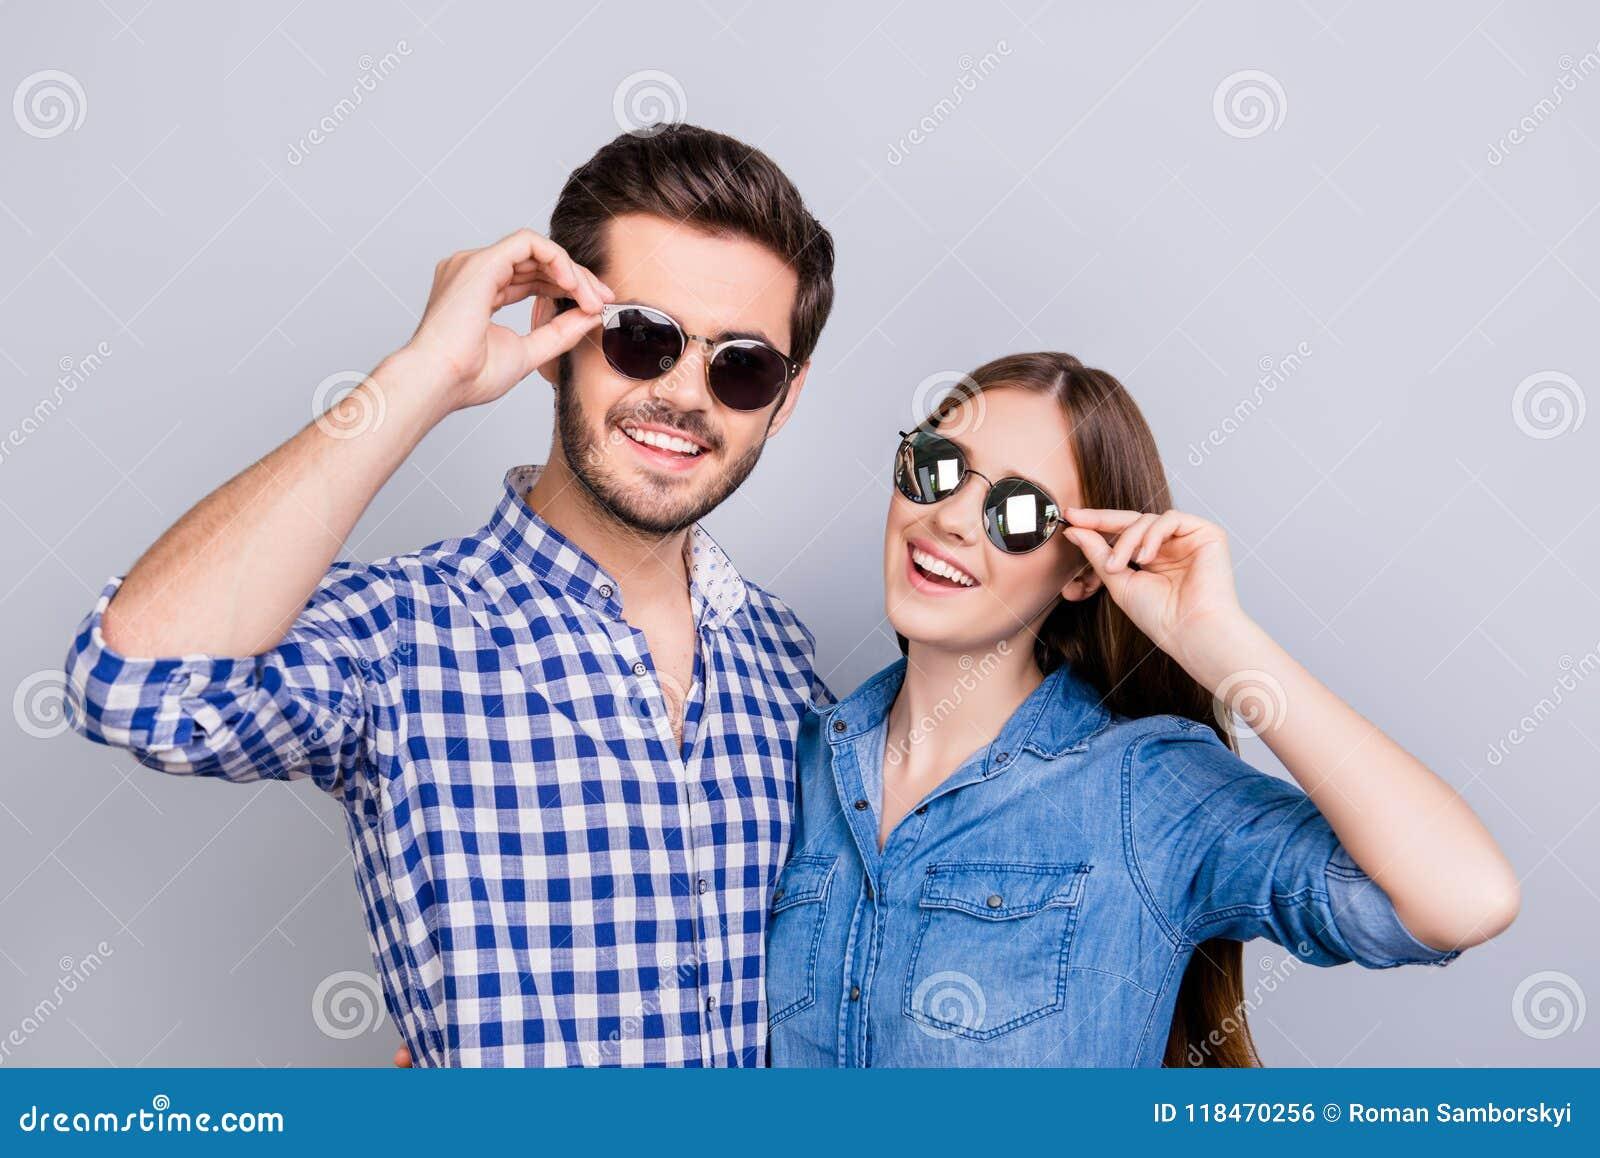 Διάθεση καλοκαιριού και διασκέδασης Οι νέοι σπουδαστές φορούν τα καθιερώνοντα τη μόδα γυαλιά ηλίου και το χαμόγελο, στα περιστασι